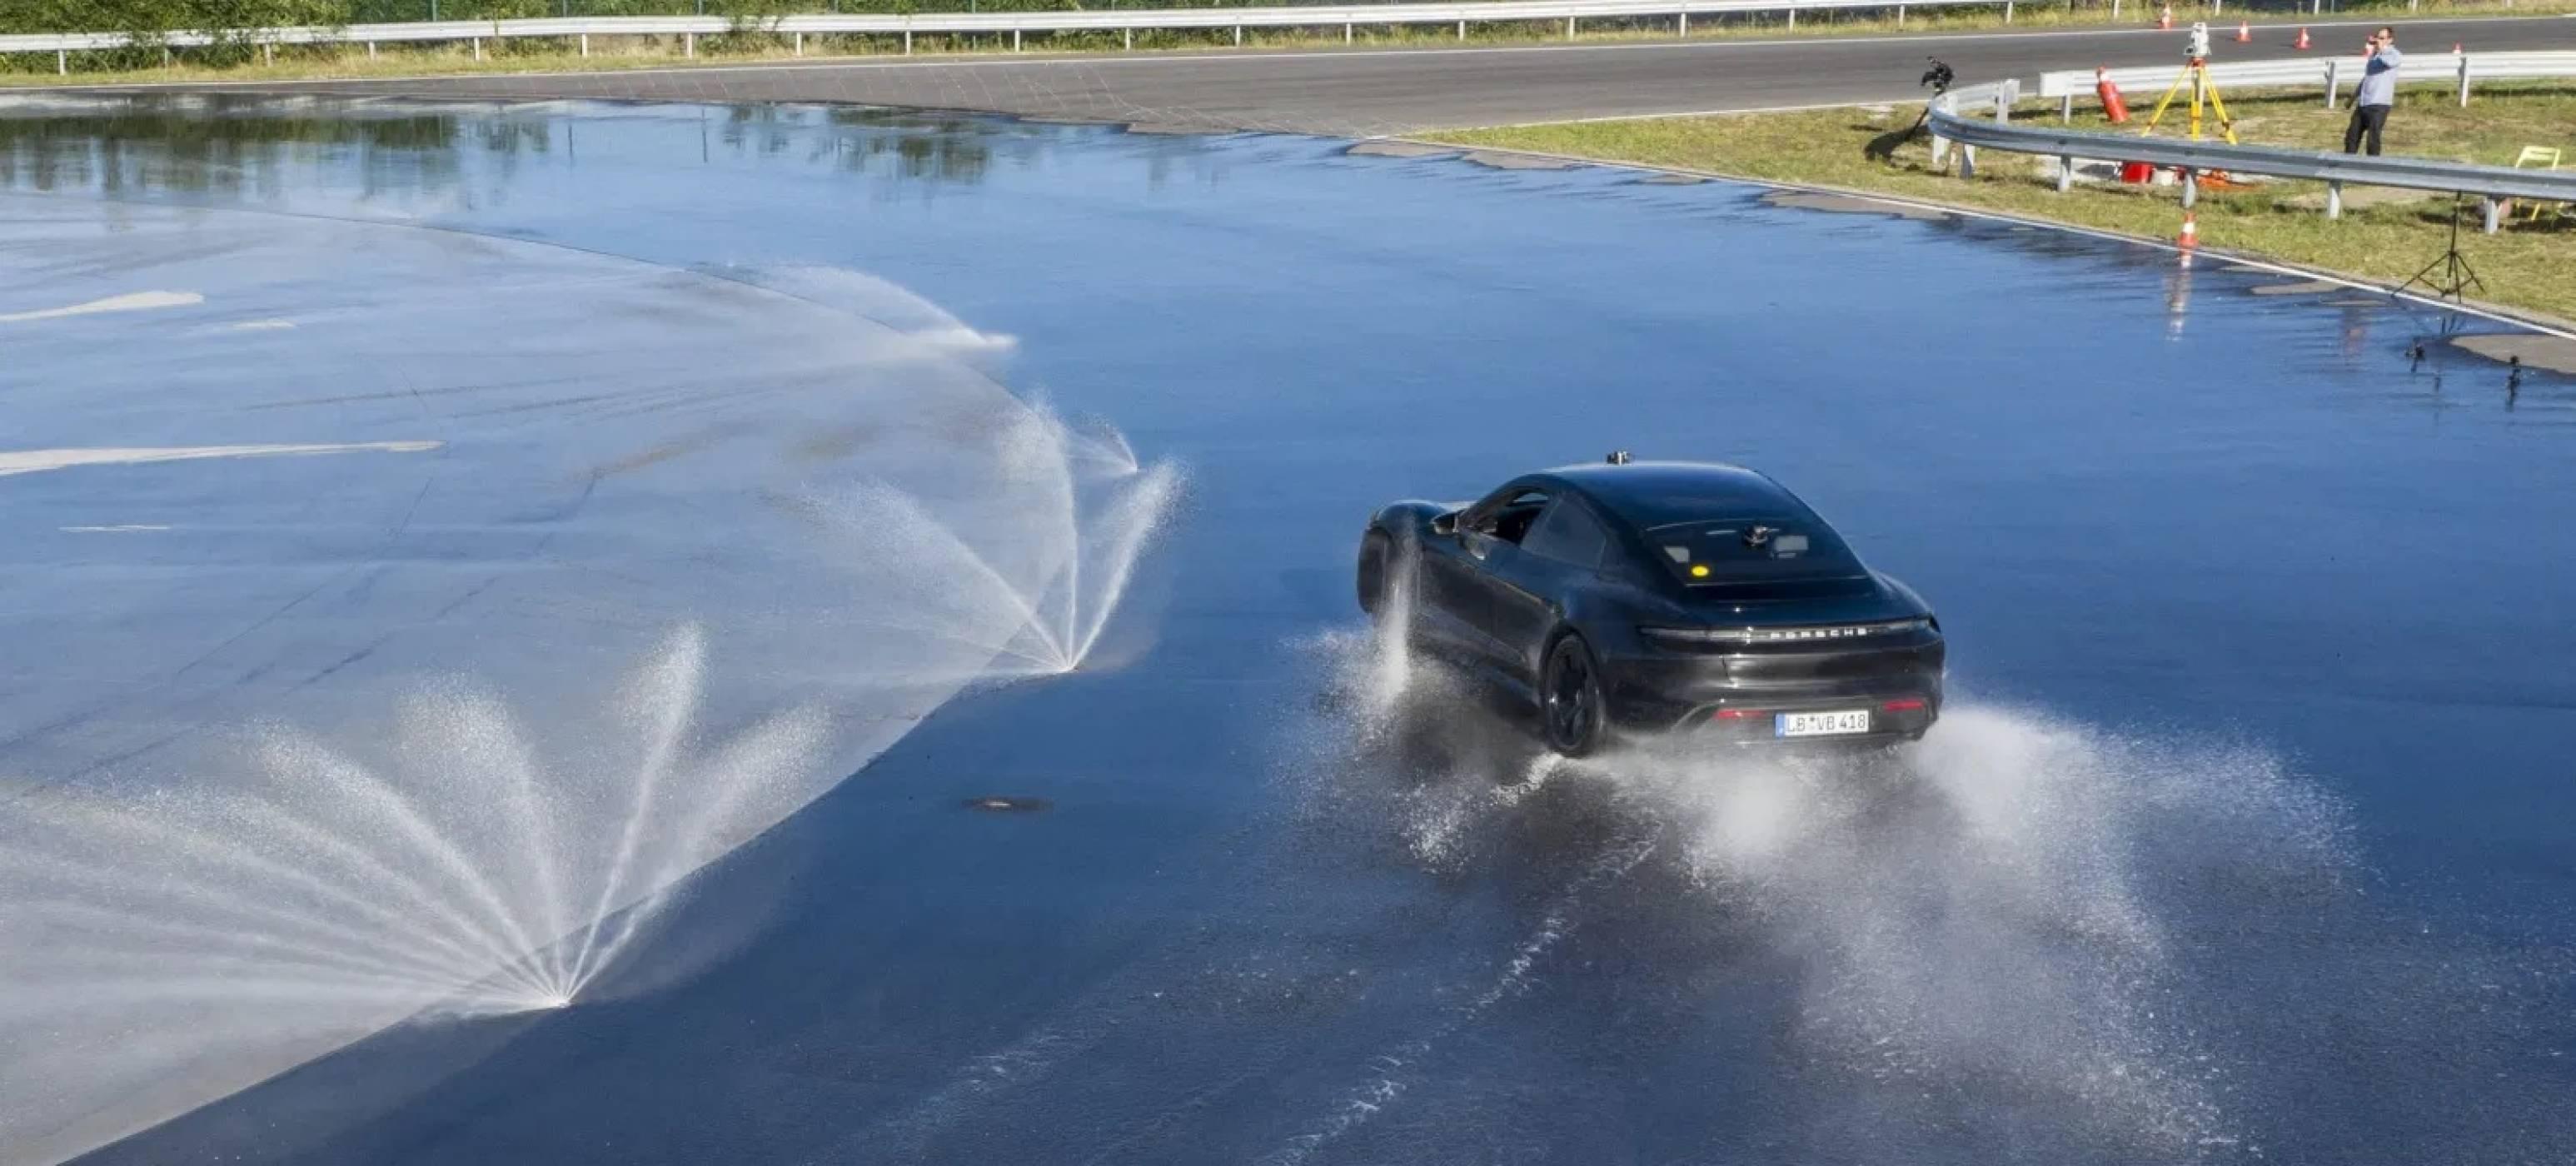 От този световен рекорд на Porsche Taycan може да ви се завие свят - и пряко, и преносно (ВИДЕО)